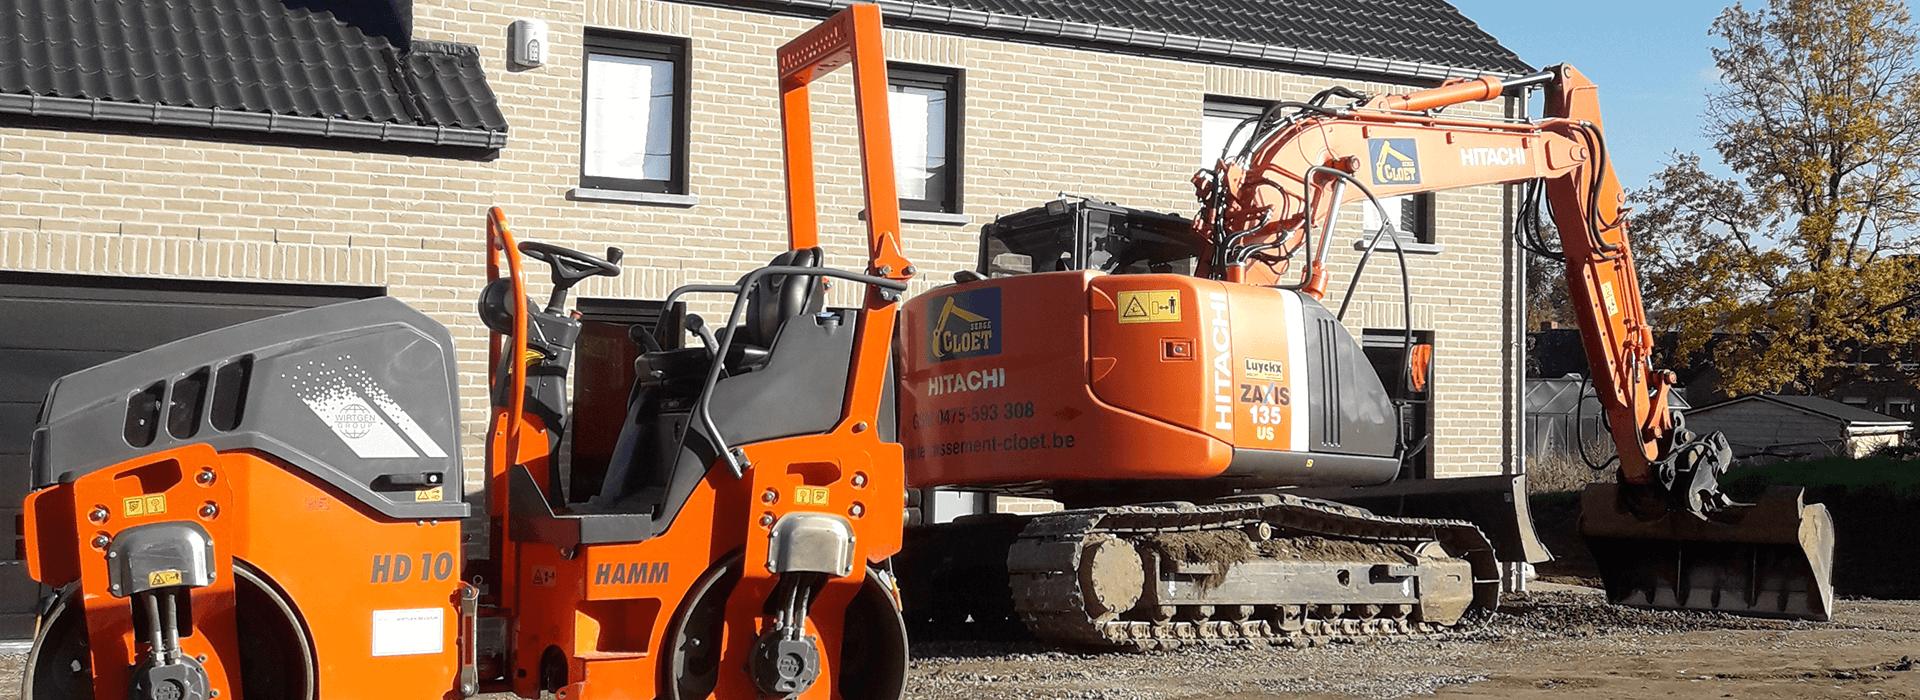 machine-slider-cloet-Hainaut